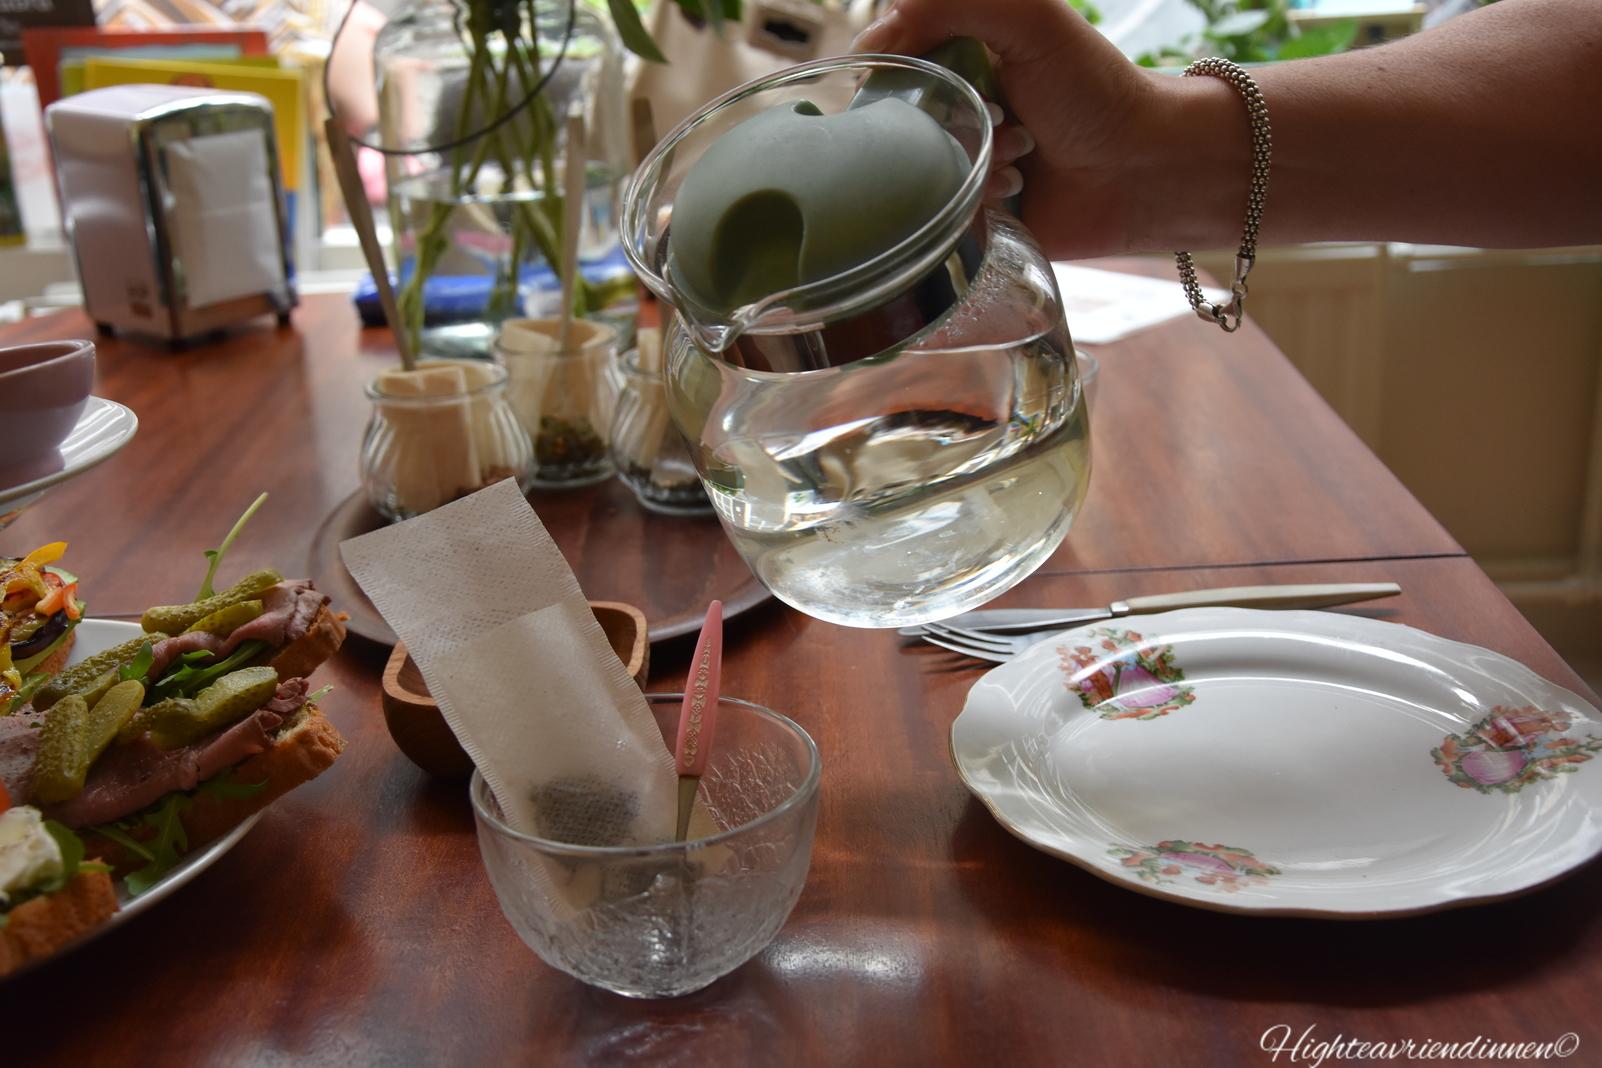 Bittersweetz, high tea vriendinnen, glutenvrij, lactosevrij, vegan